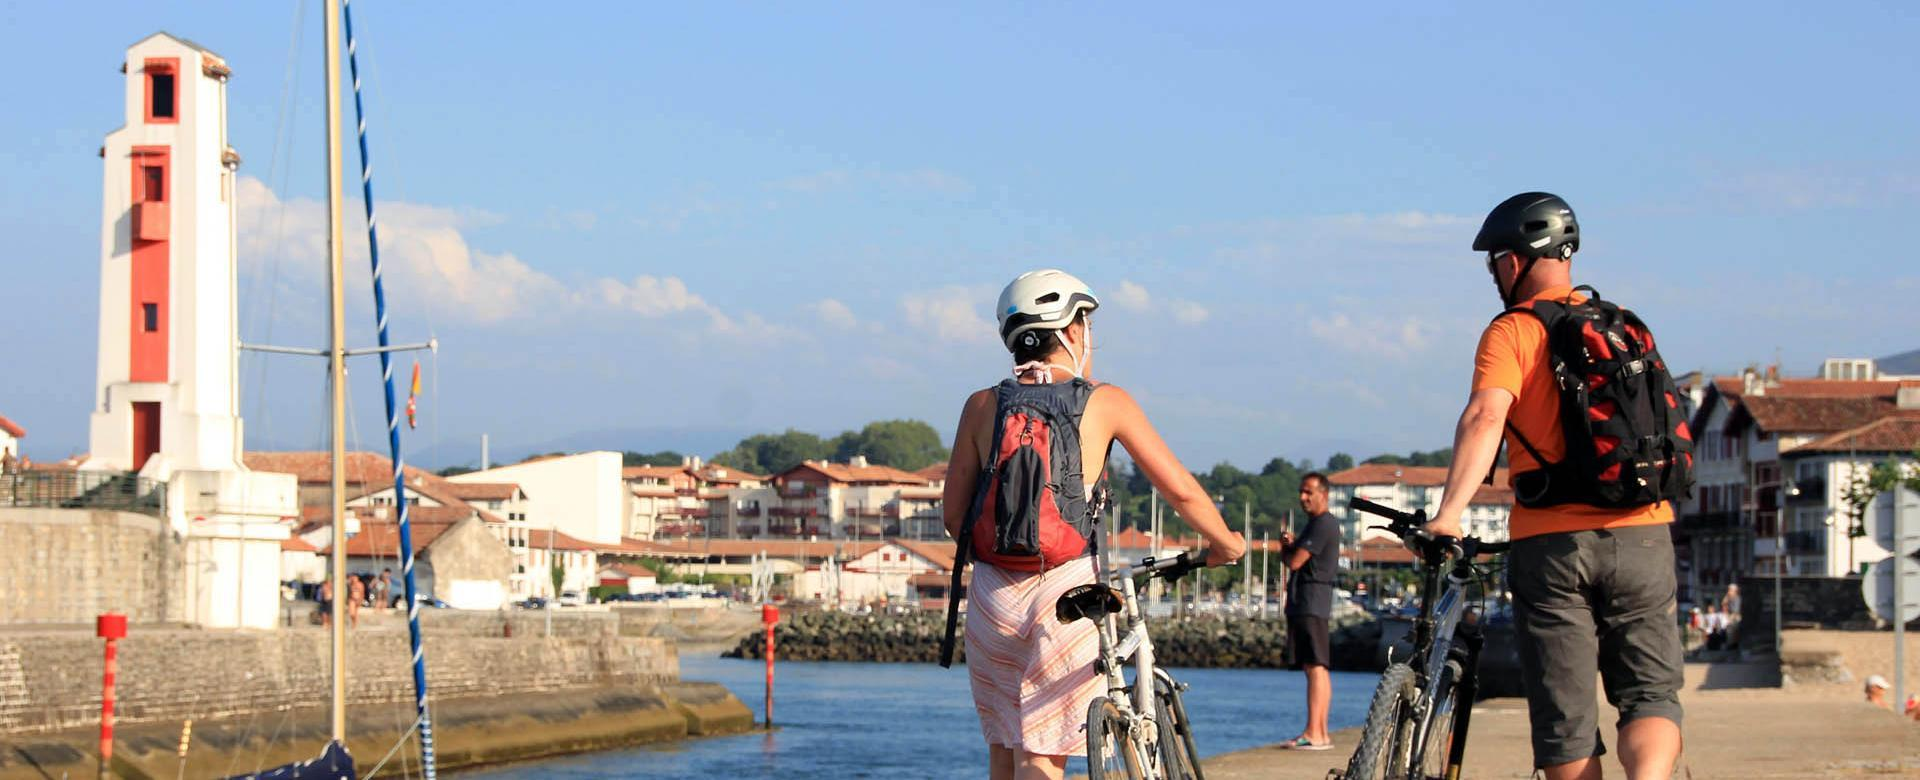 Voyage en véhicule France : Terres et côte basques à vélo